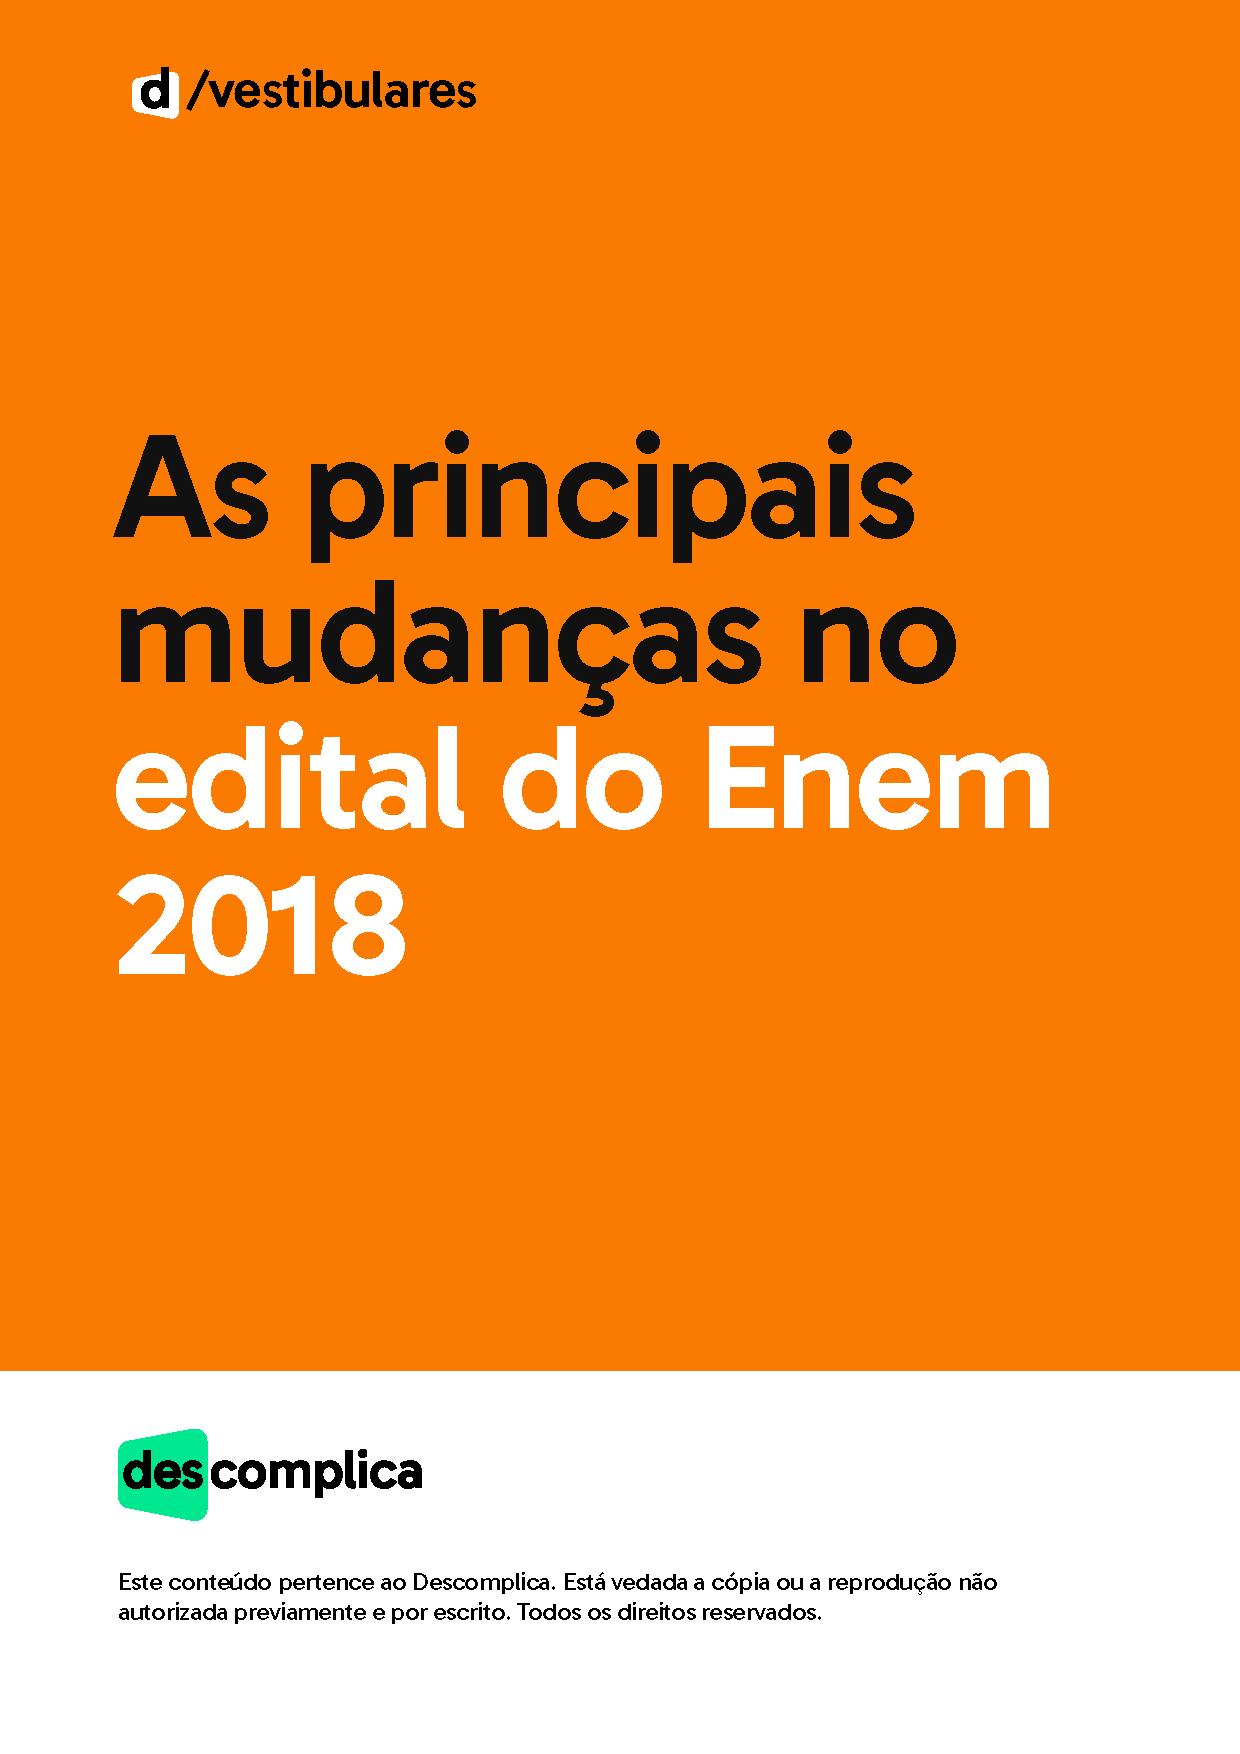 capa_-_As_principais_mudanças_no_edital_do_Enem_2018.png